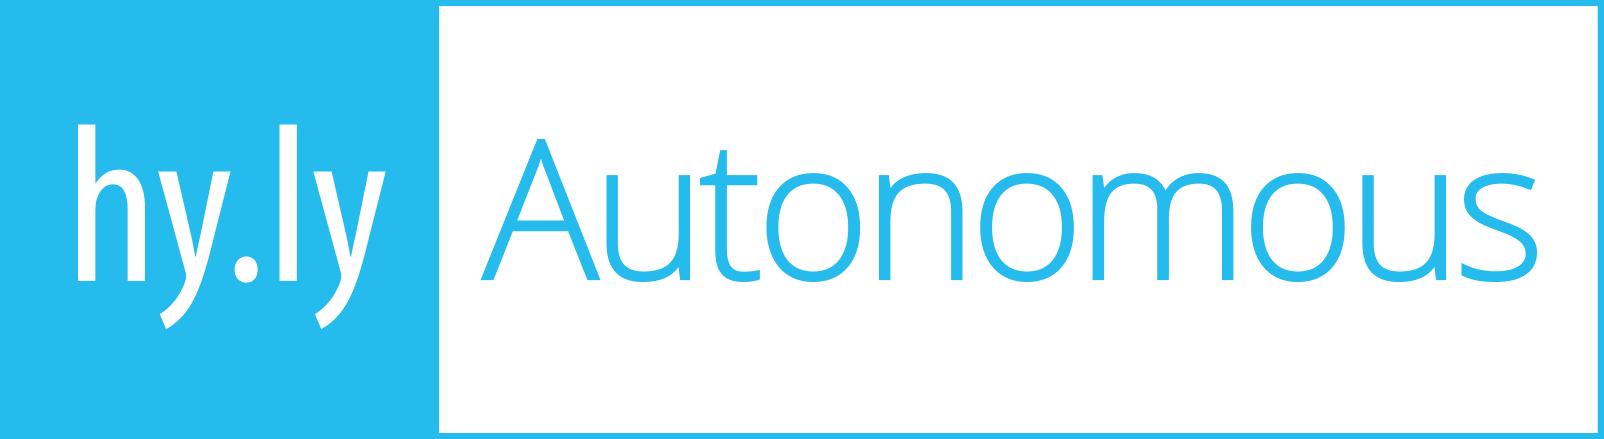 Hyly-Autonomous-logo